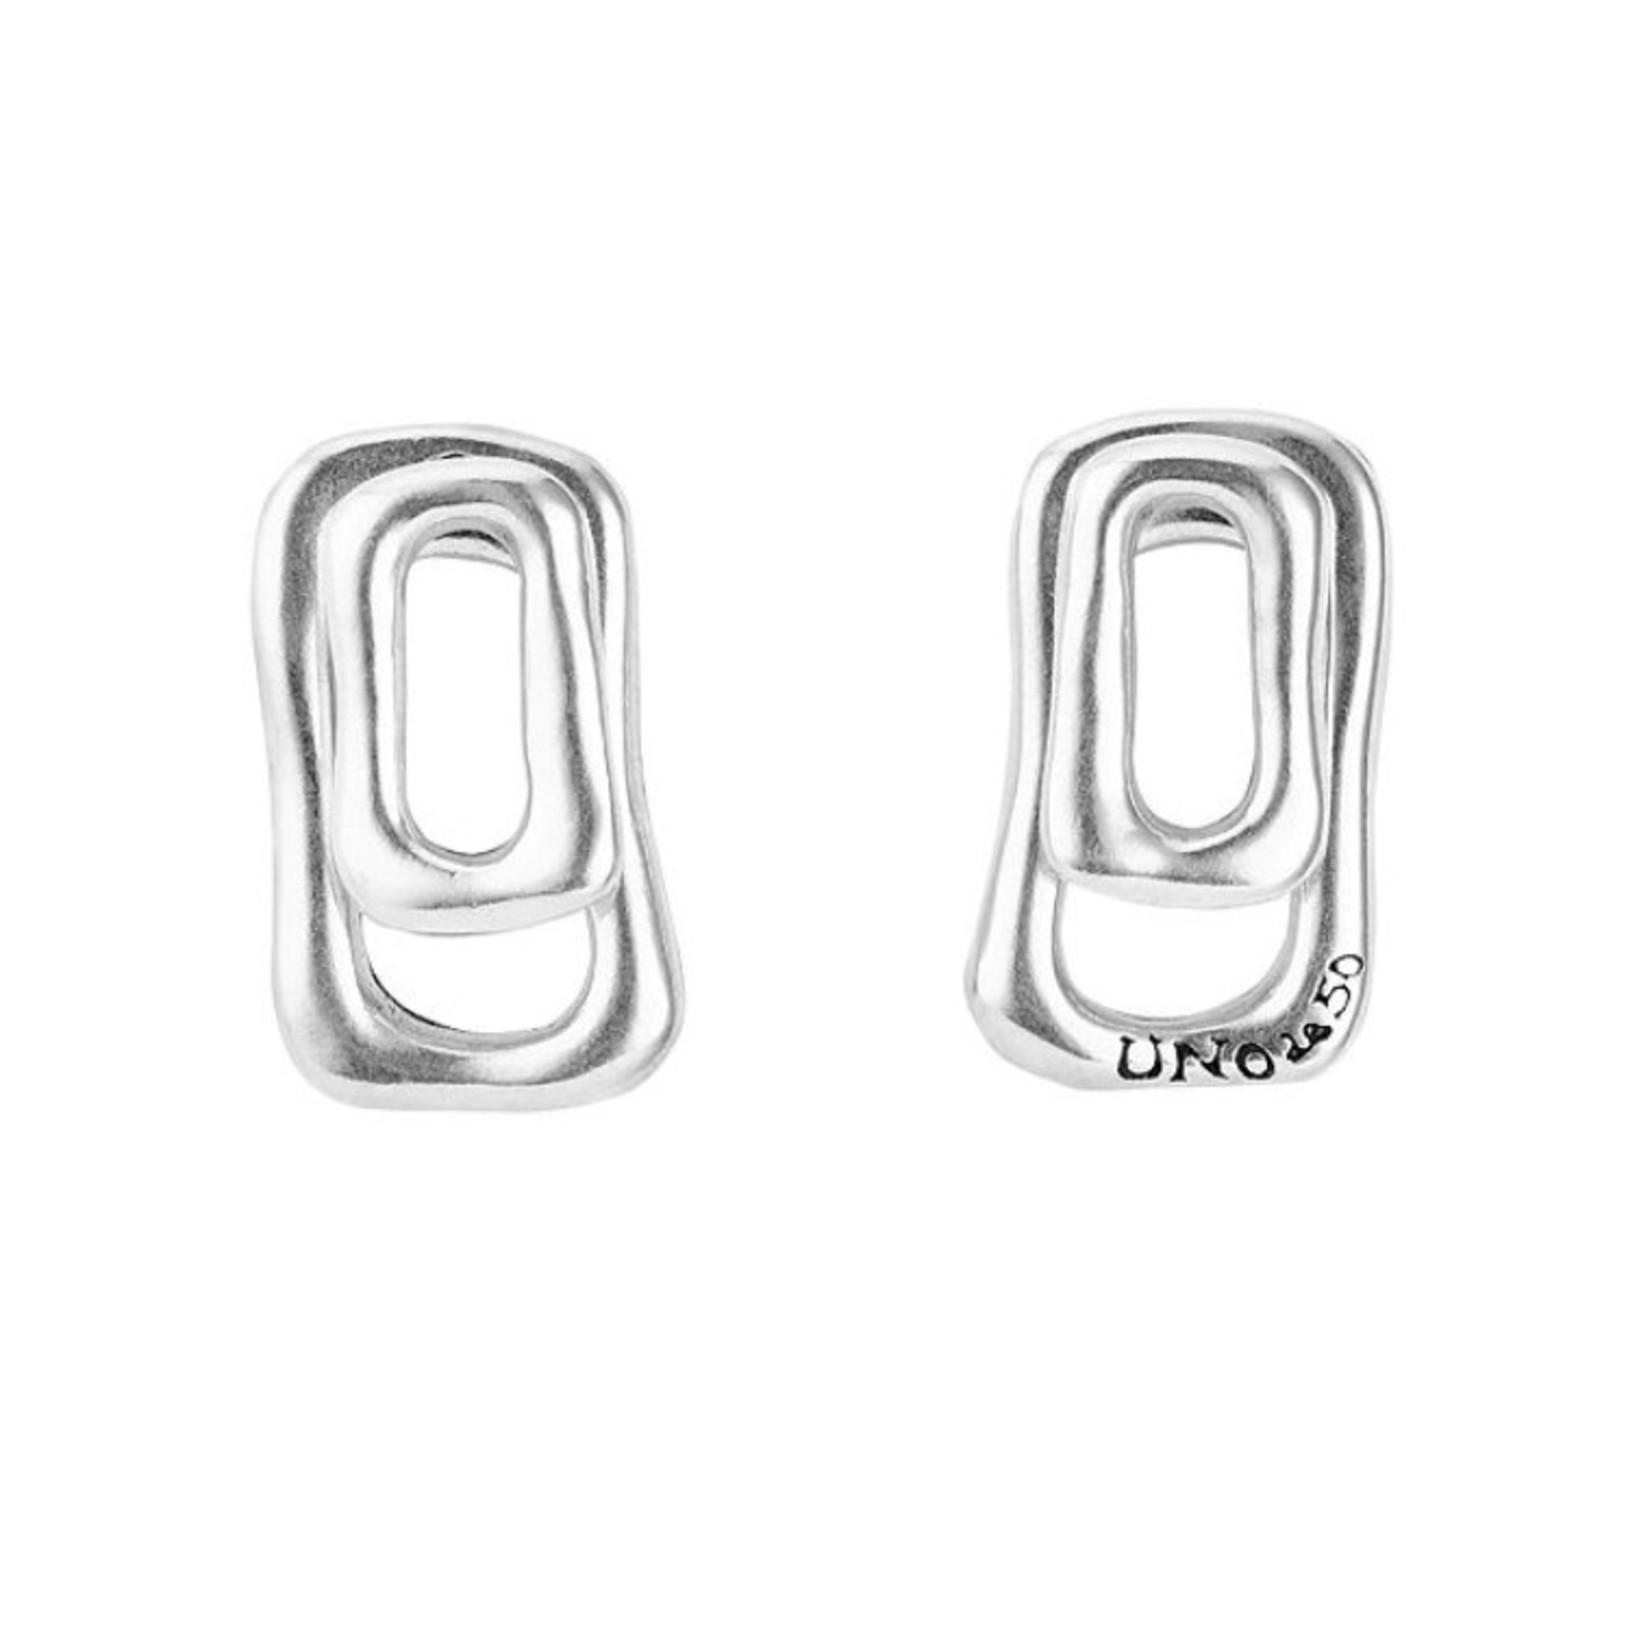 Uno de 50 Trapped Earrings